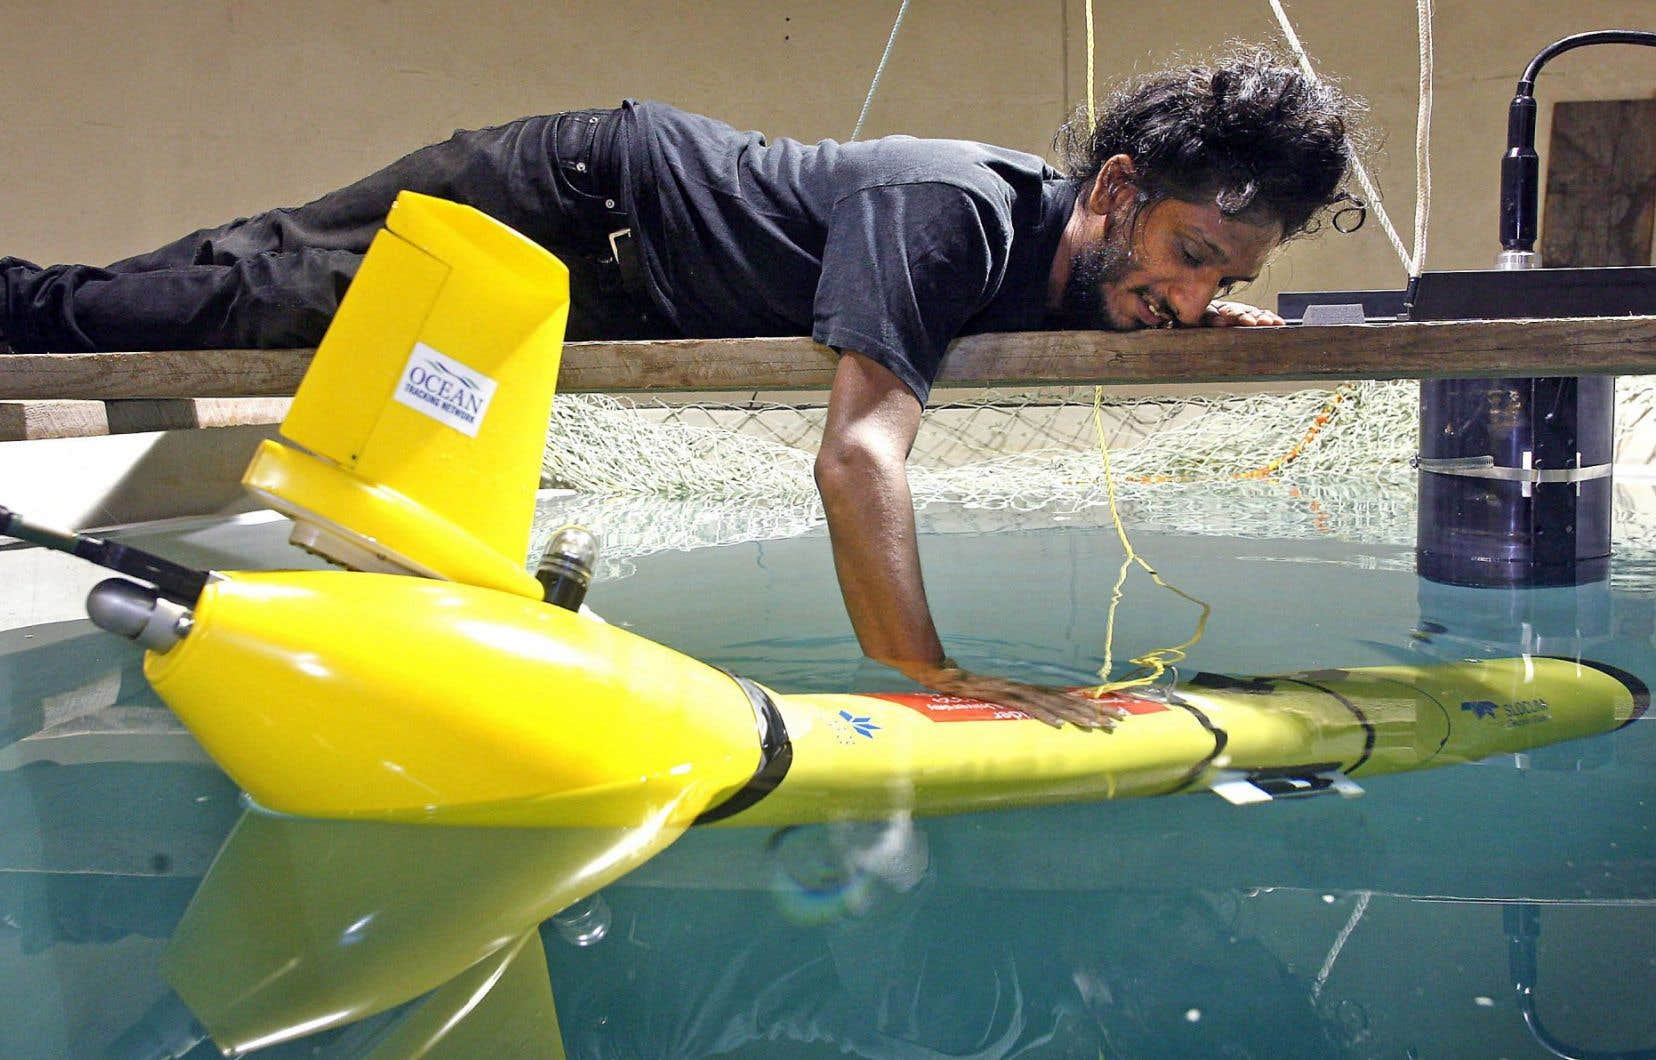 Depuis trois ans, les Slocum Gliders de l'Université Rutgers de New-Brunswick ont pris la mer.